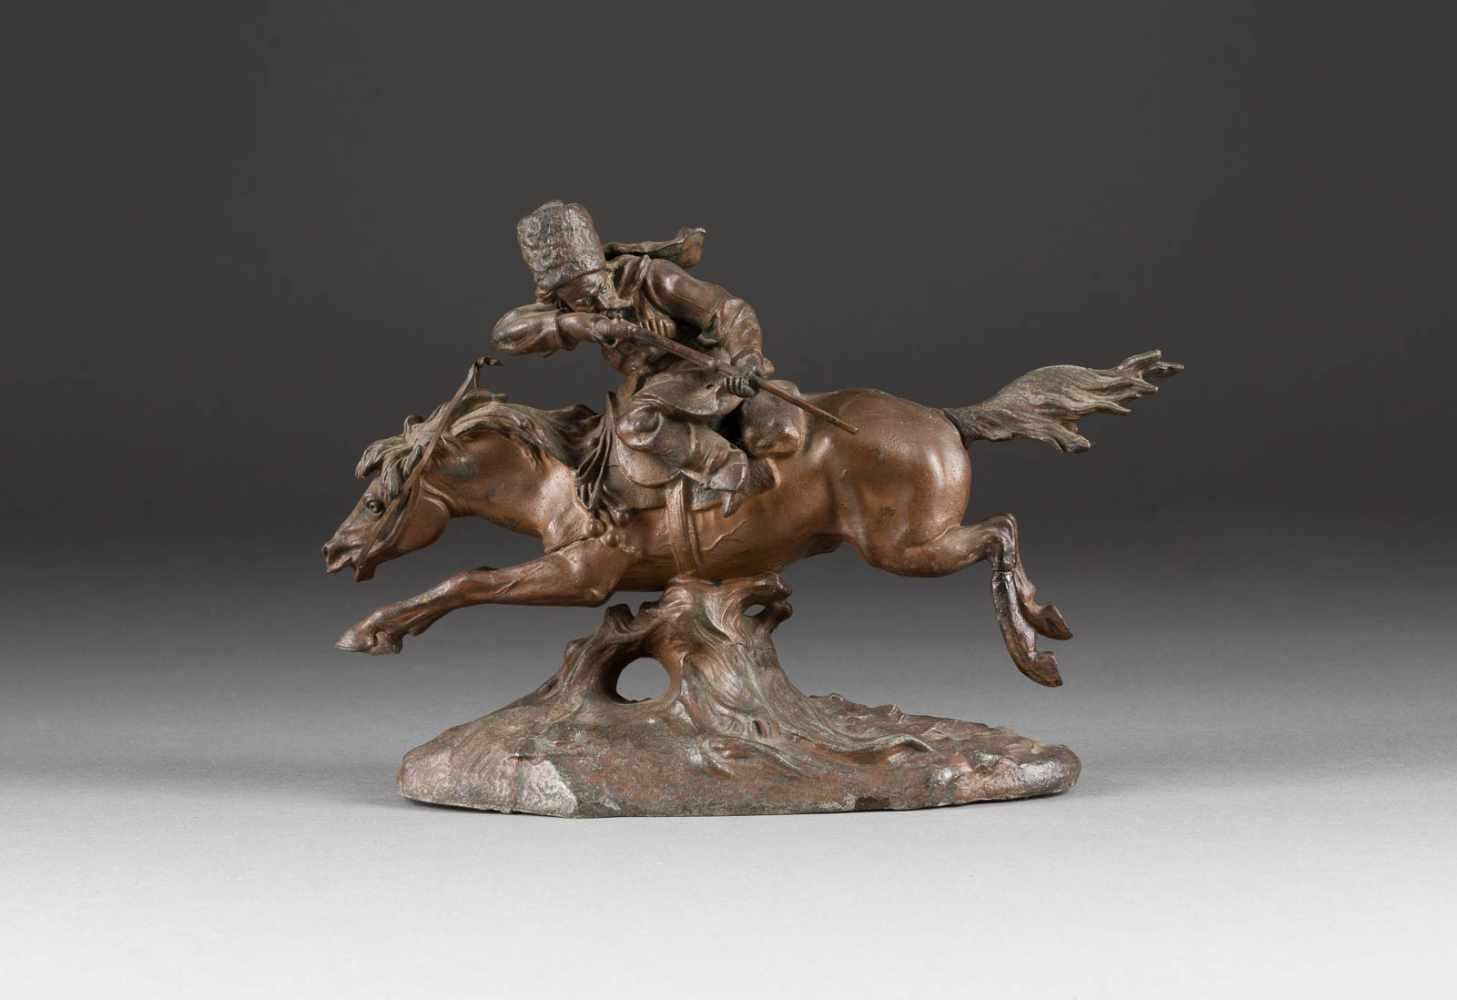 Lot 53 - SCHIEßENDER KOSAKE Russland, um 1900 Zinkguß, bronzefarben patiniert. L. 22 cm. Ein Bein